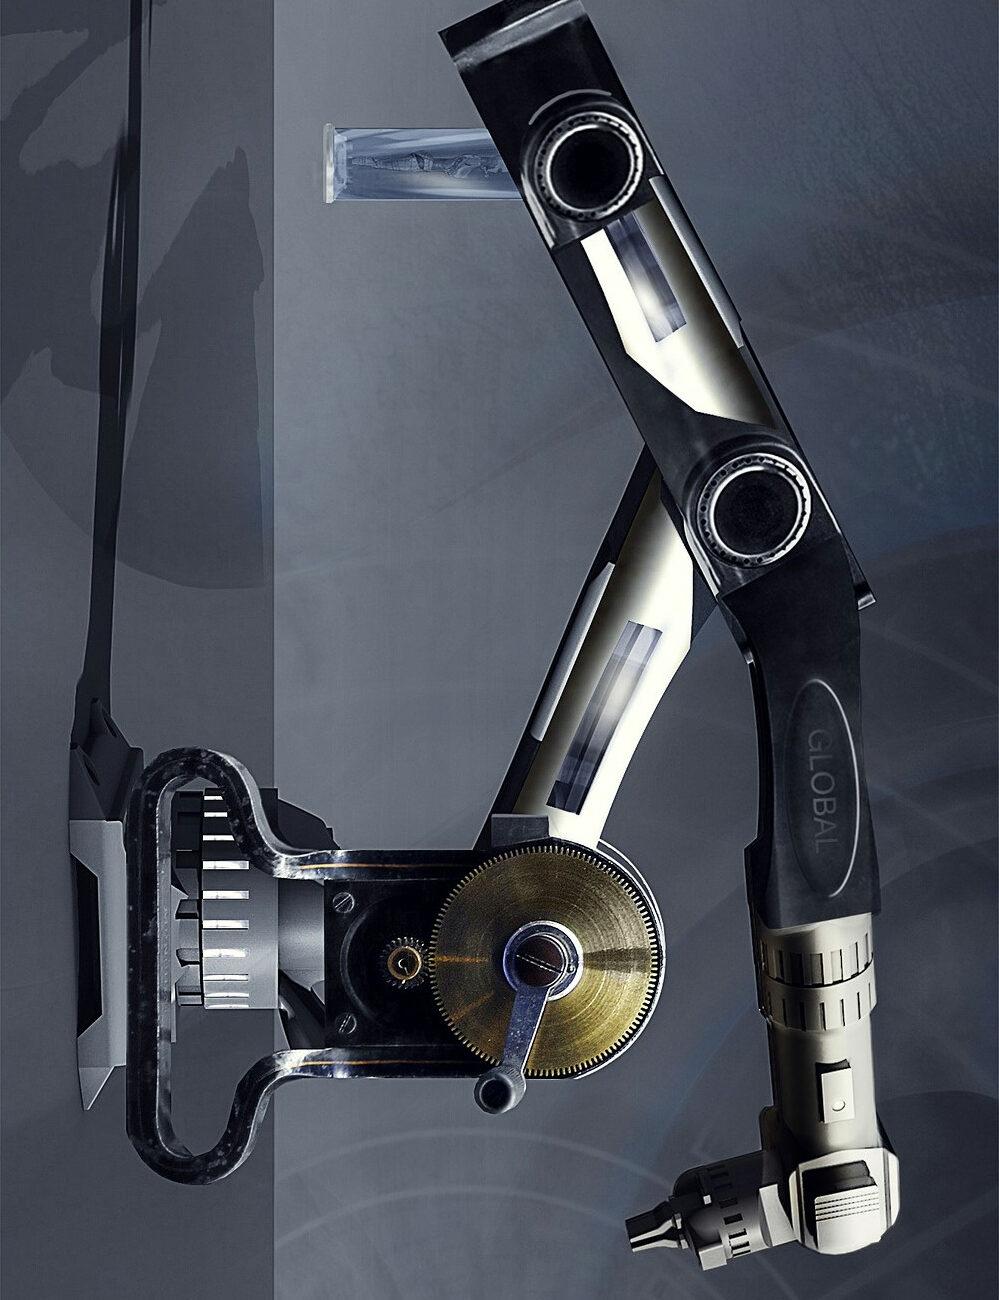 automation-1917694_1920-e1560781891141-999x1300